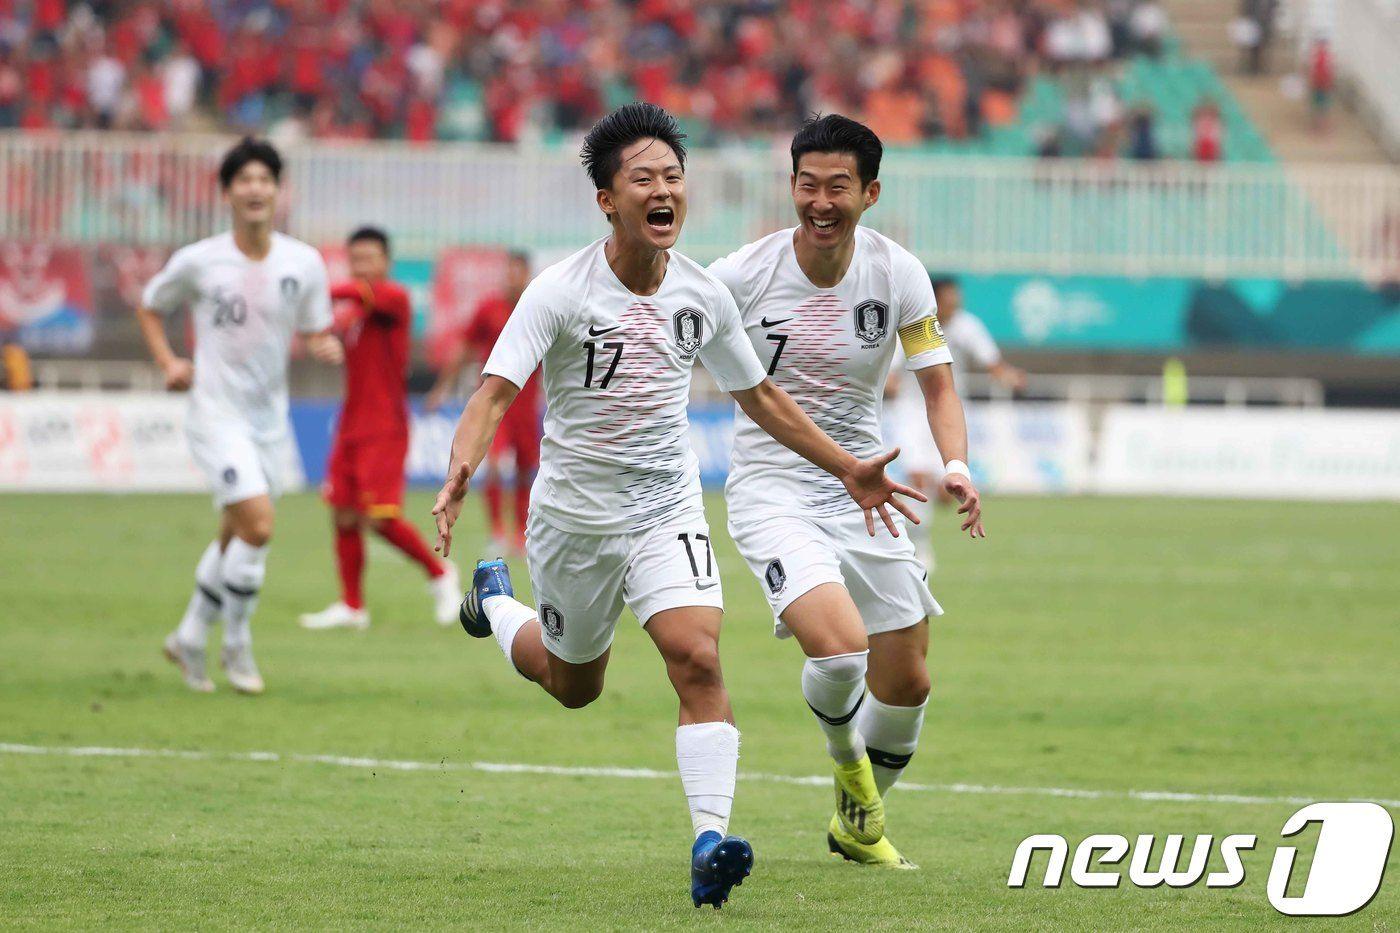 아시안게임 축구 한일전 앞두고 일본 언론 이 한국에게 한 말